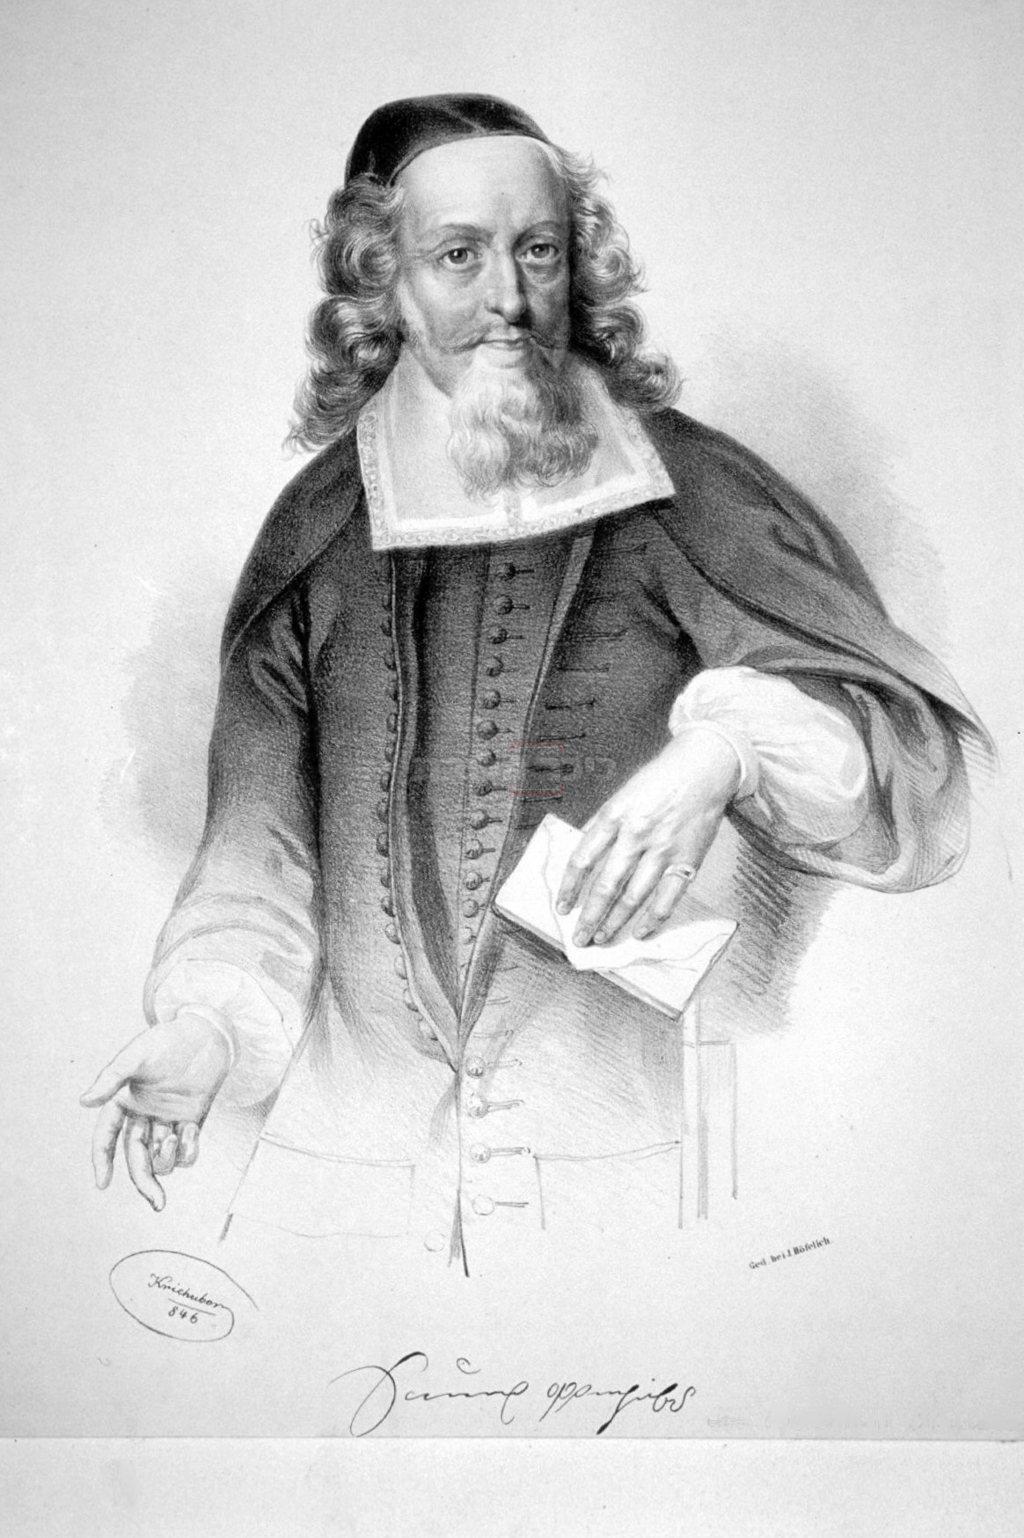 ר' שמואל אופנהיימר (מאת Josef Kriehuber - Eigenes Foto einer Originallithographie der Albertina (Wien), מתוך ויקיפדיה)